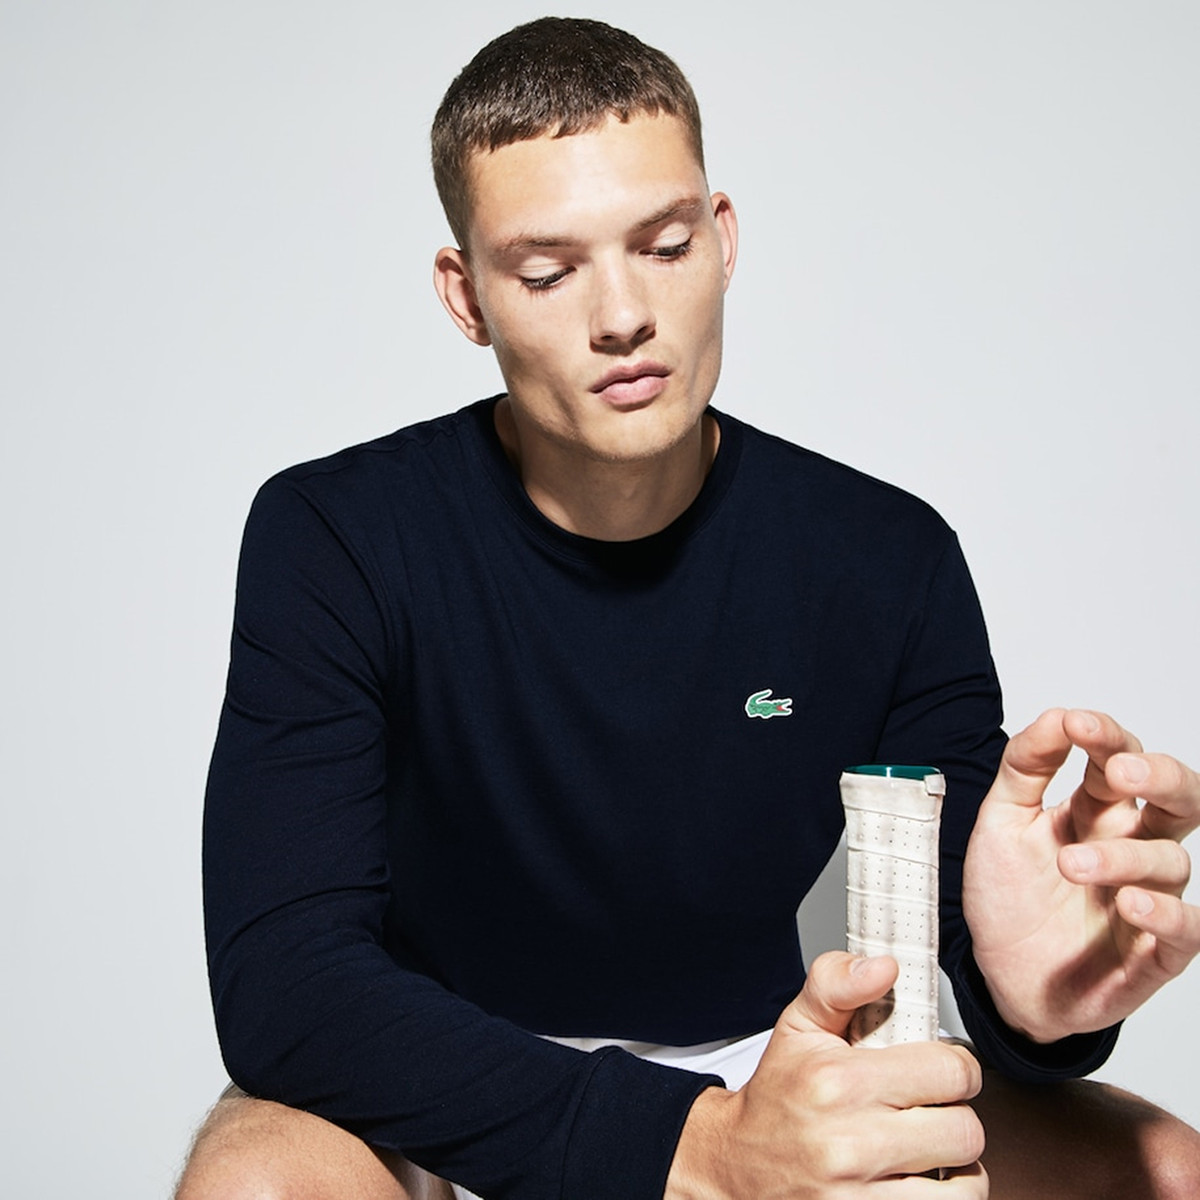 Lacoste 法国鳄鱼 男式经典纯色长袖T恤 TH0123 双重优惠折后¥251包邮 3色可选